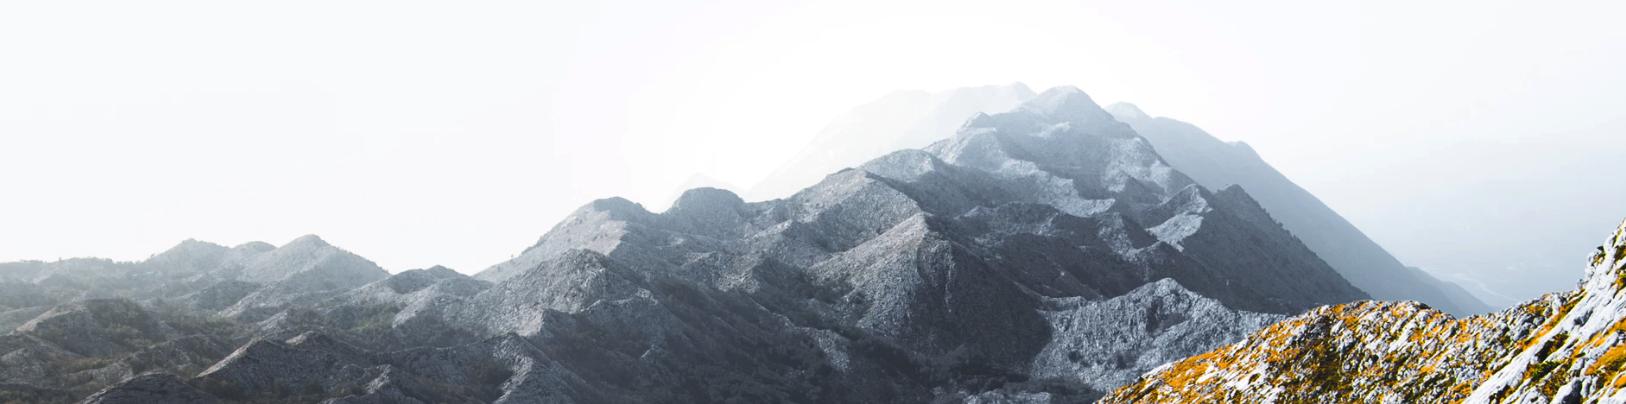 Kroatisches Gebirge